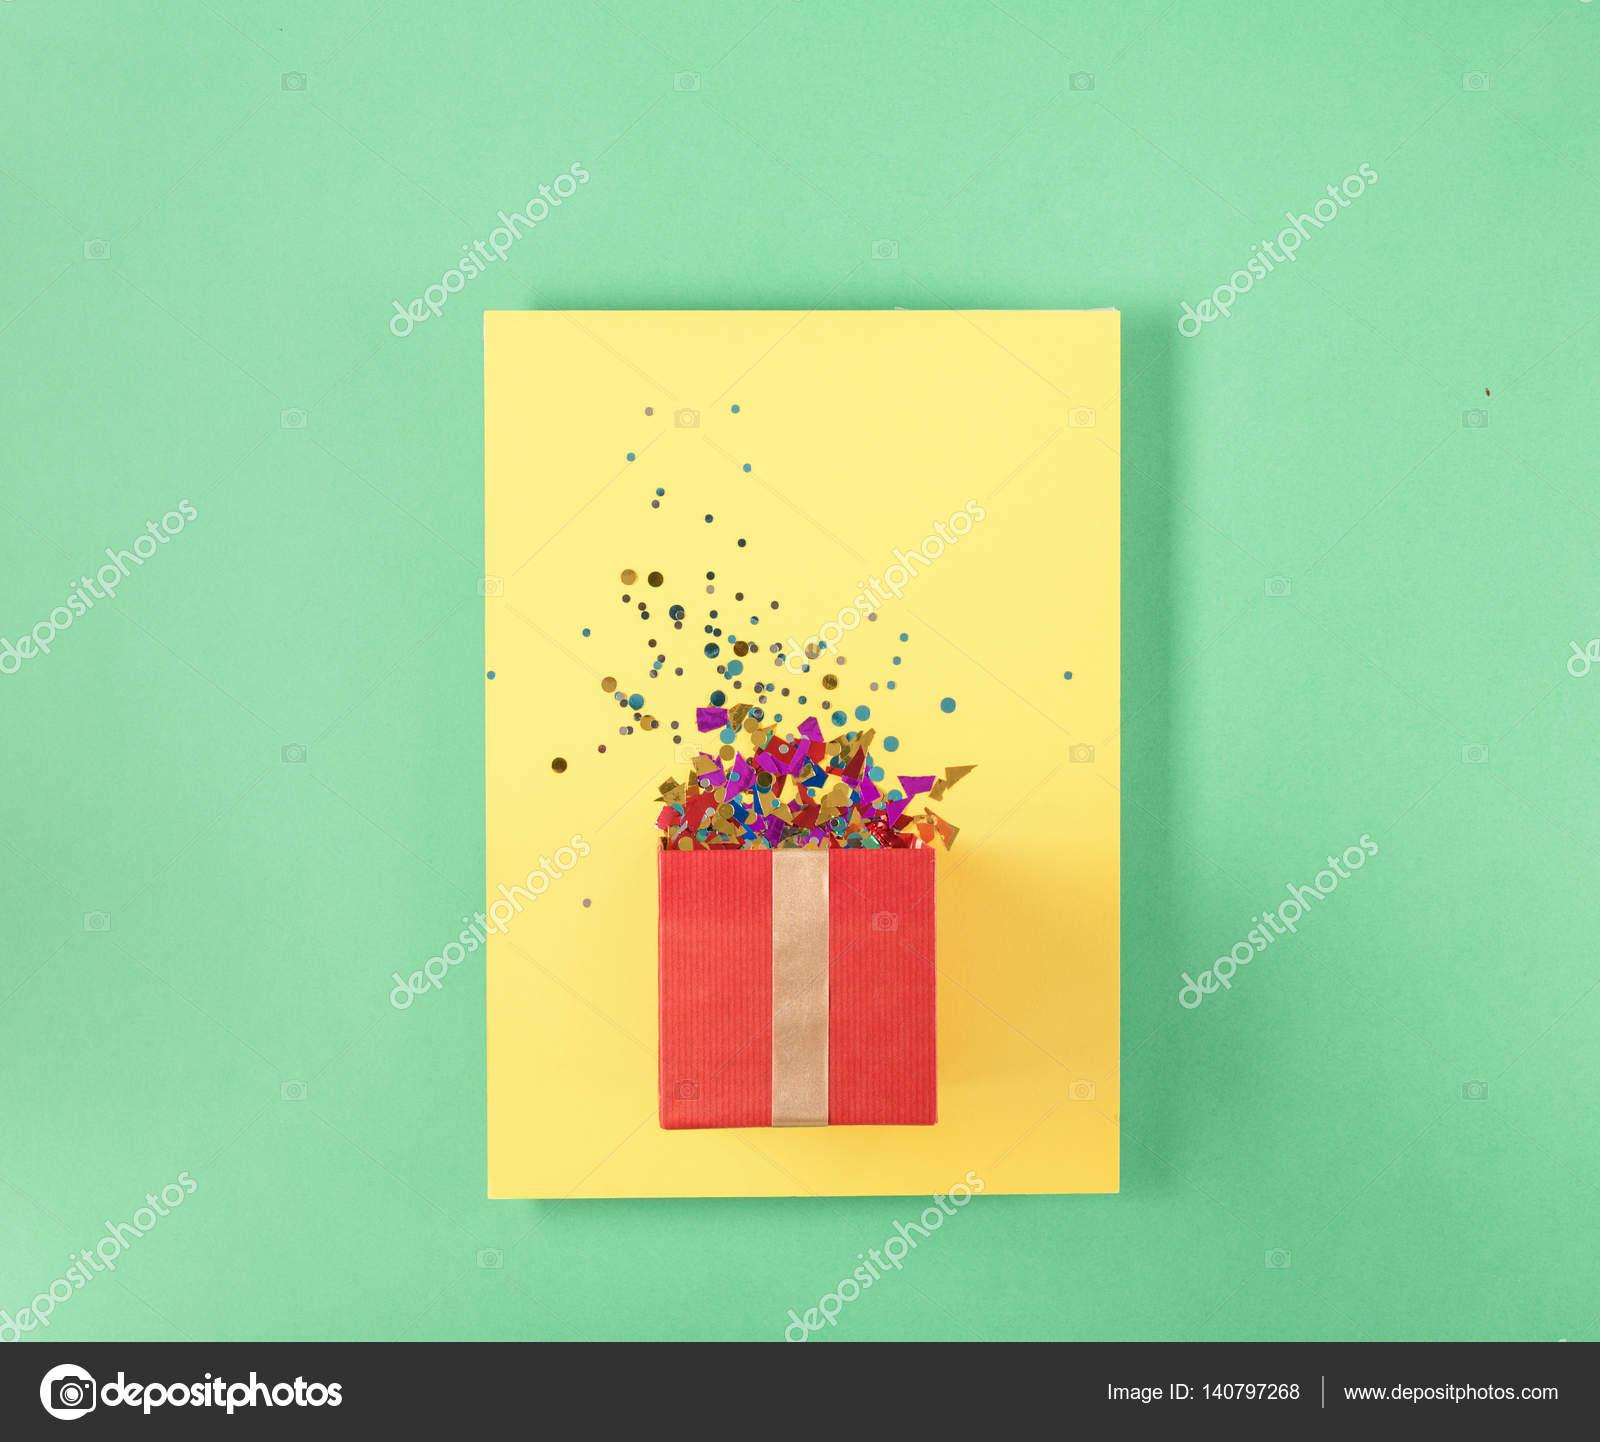 Caja de regalo roja con varios confeti de fiesta en tarjeta amarilla ...